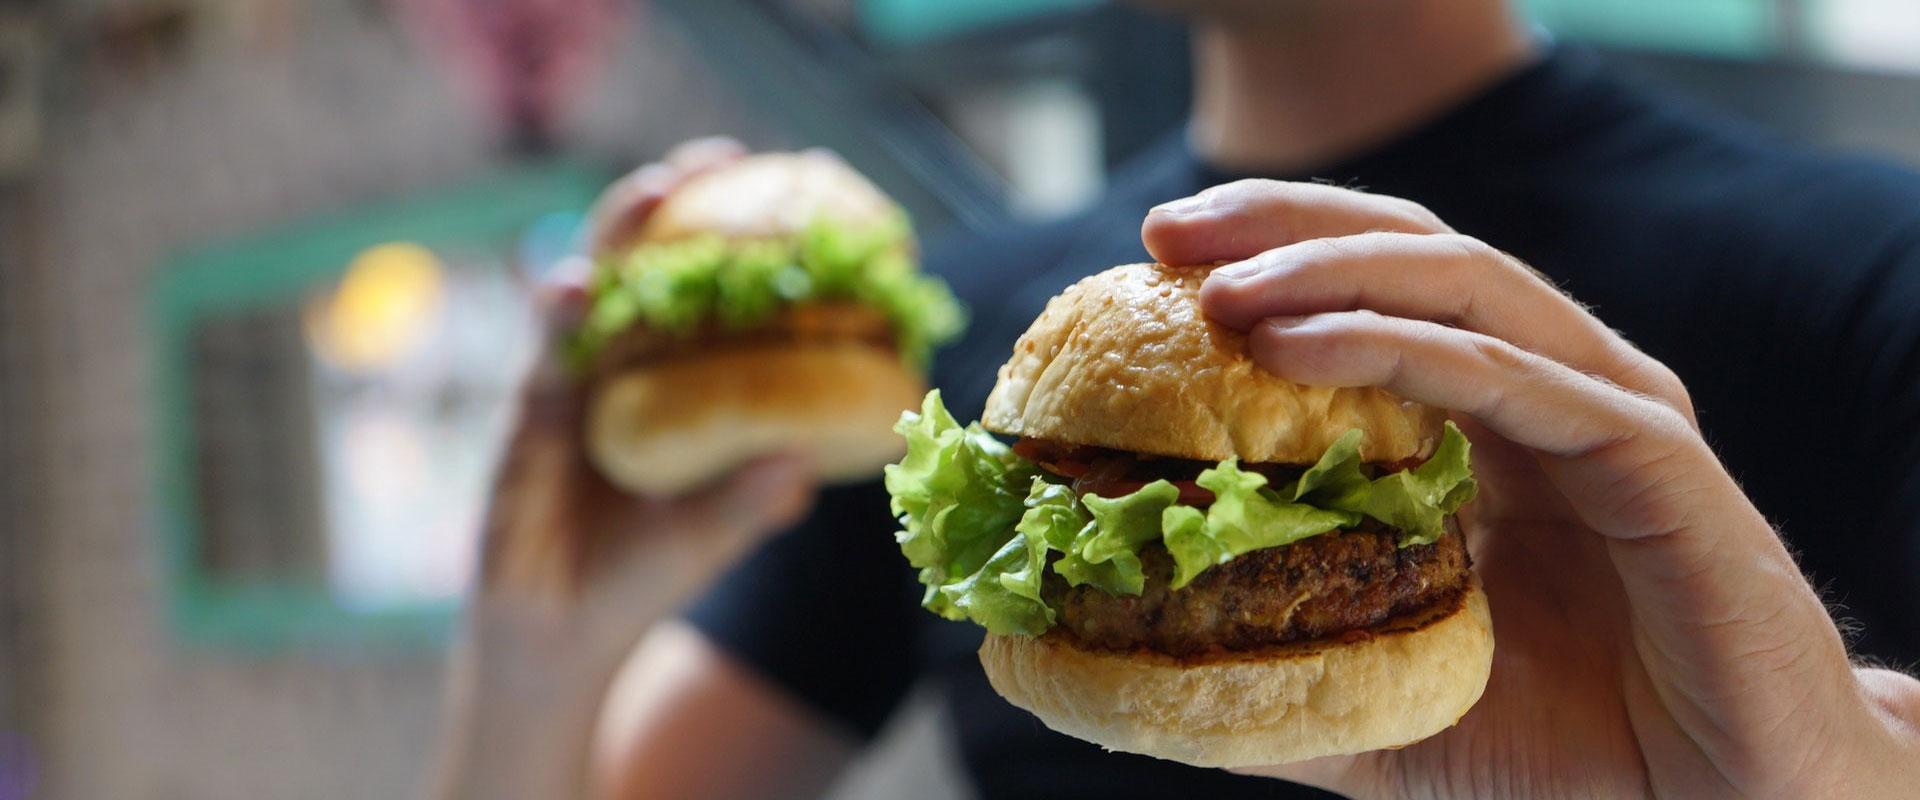 Cómo combatir la ansiedad por comer